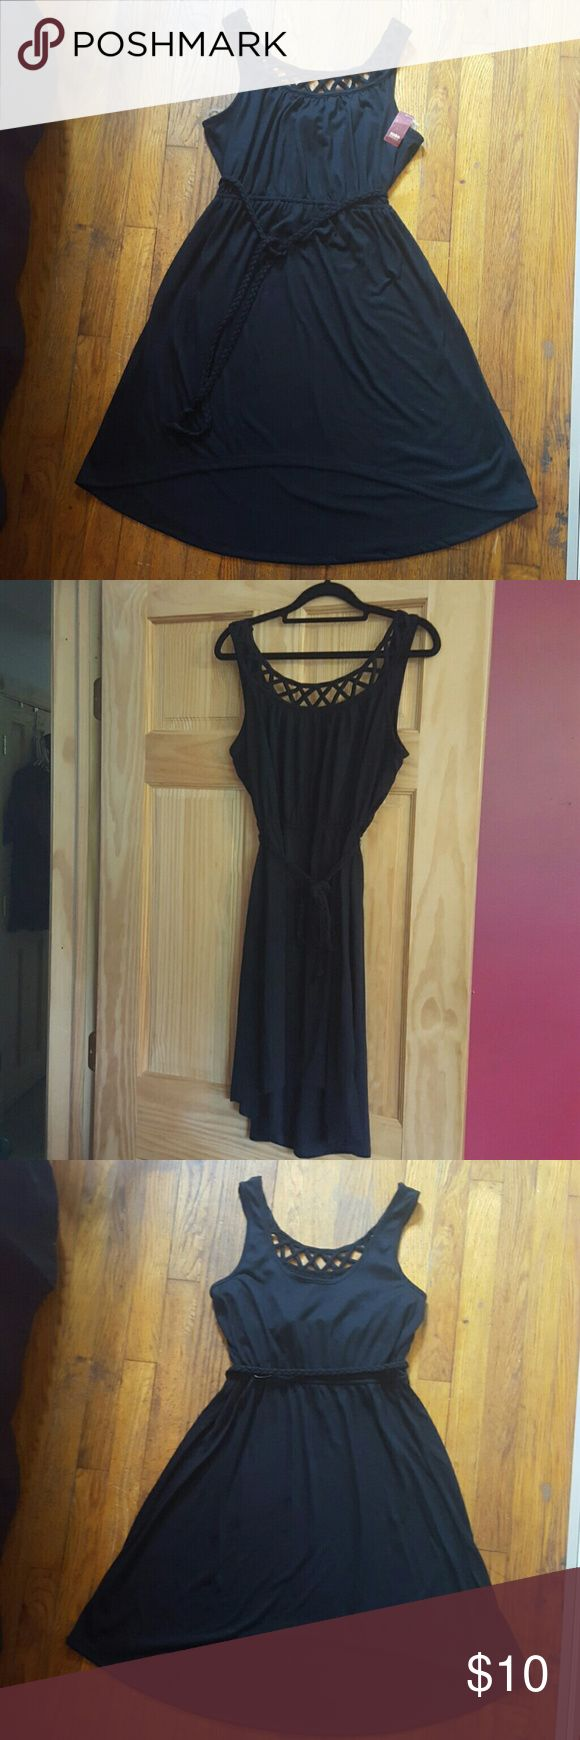 NWT Lattice Dress Nwt Lattice Dress  Non smoking home  No trades No Boundaries Dresses